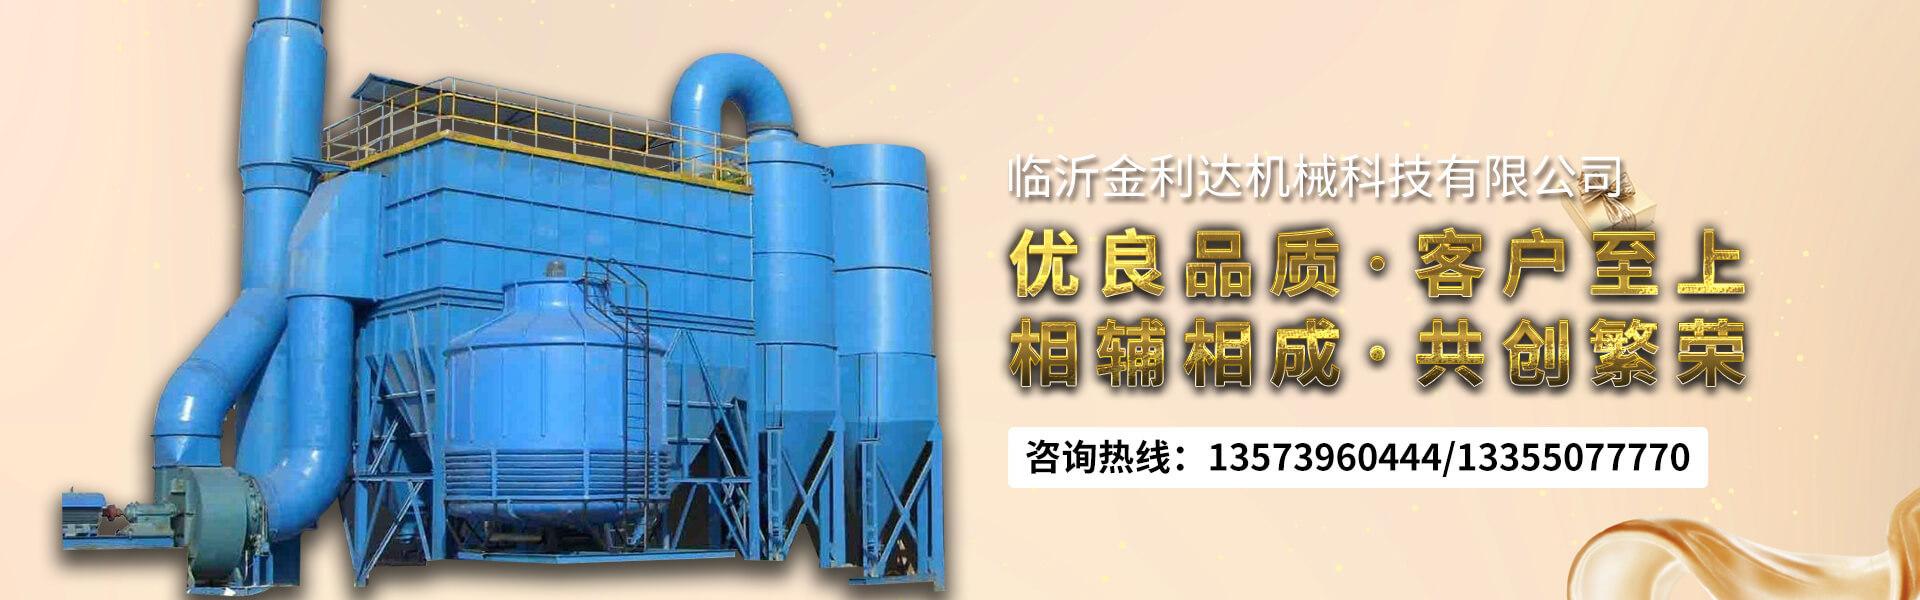 脫硫脫硝除塵設備,高錳鋼鑄造件廠家,脈沖除塵器生產廠家,噴霧干燥塔及陶瓷原料設備